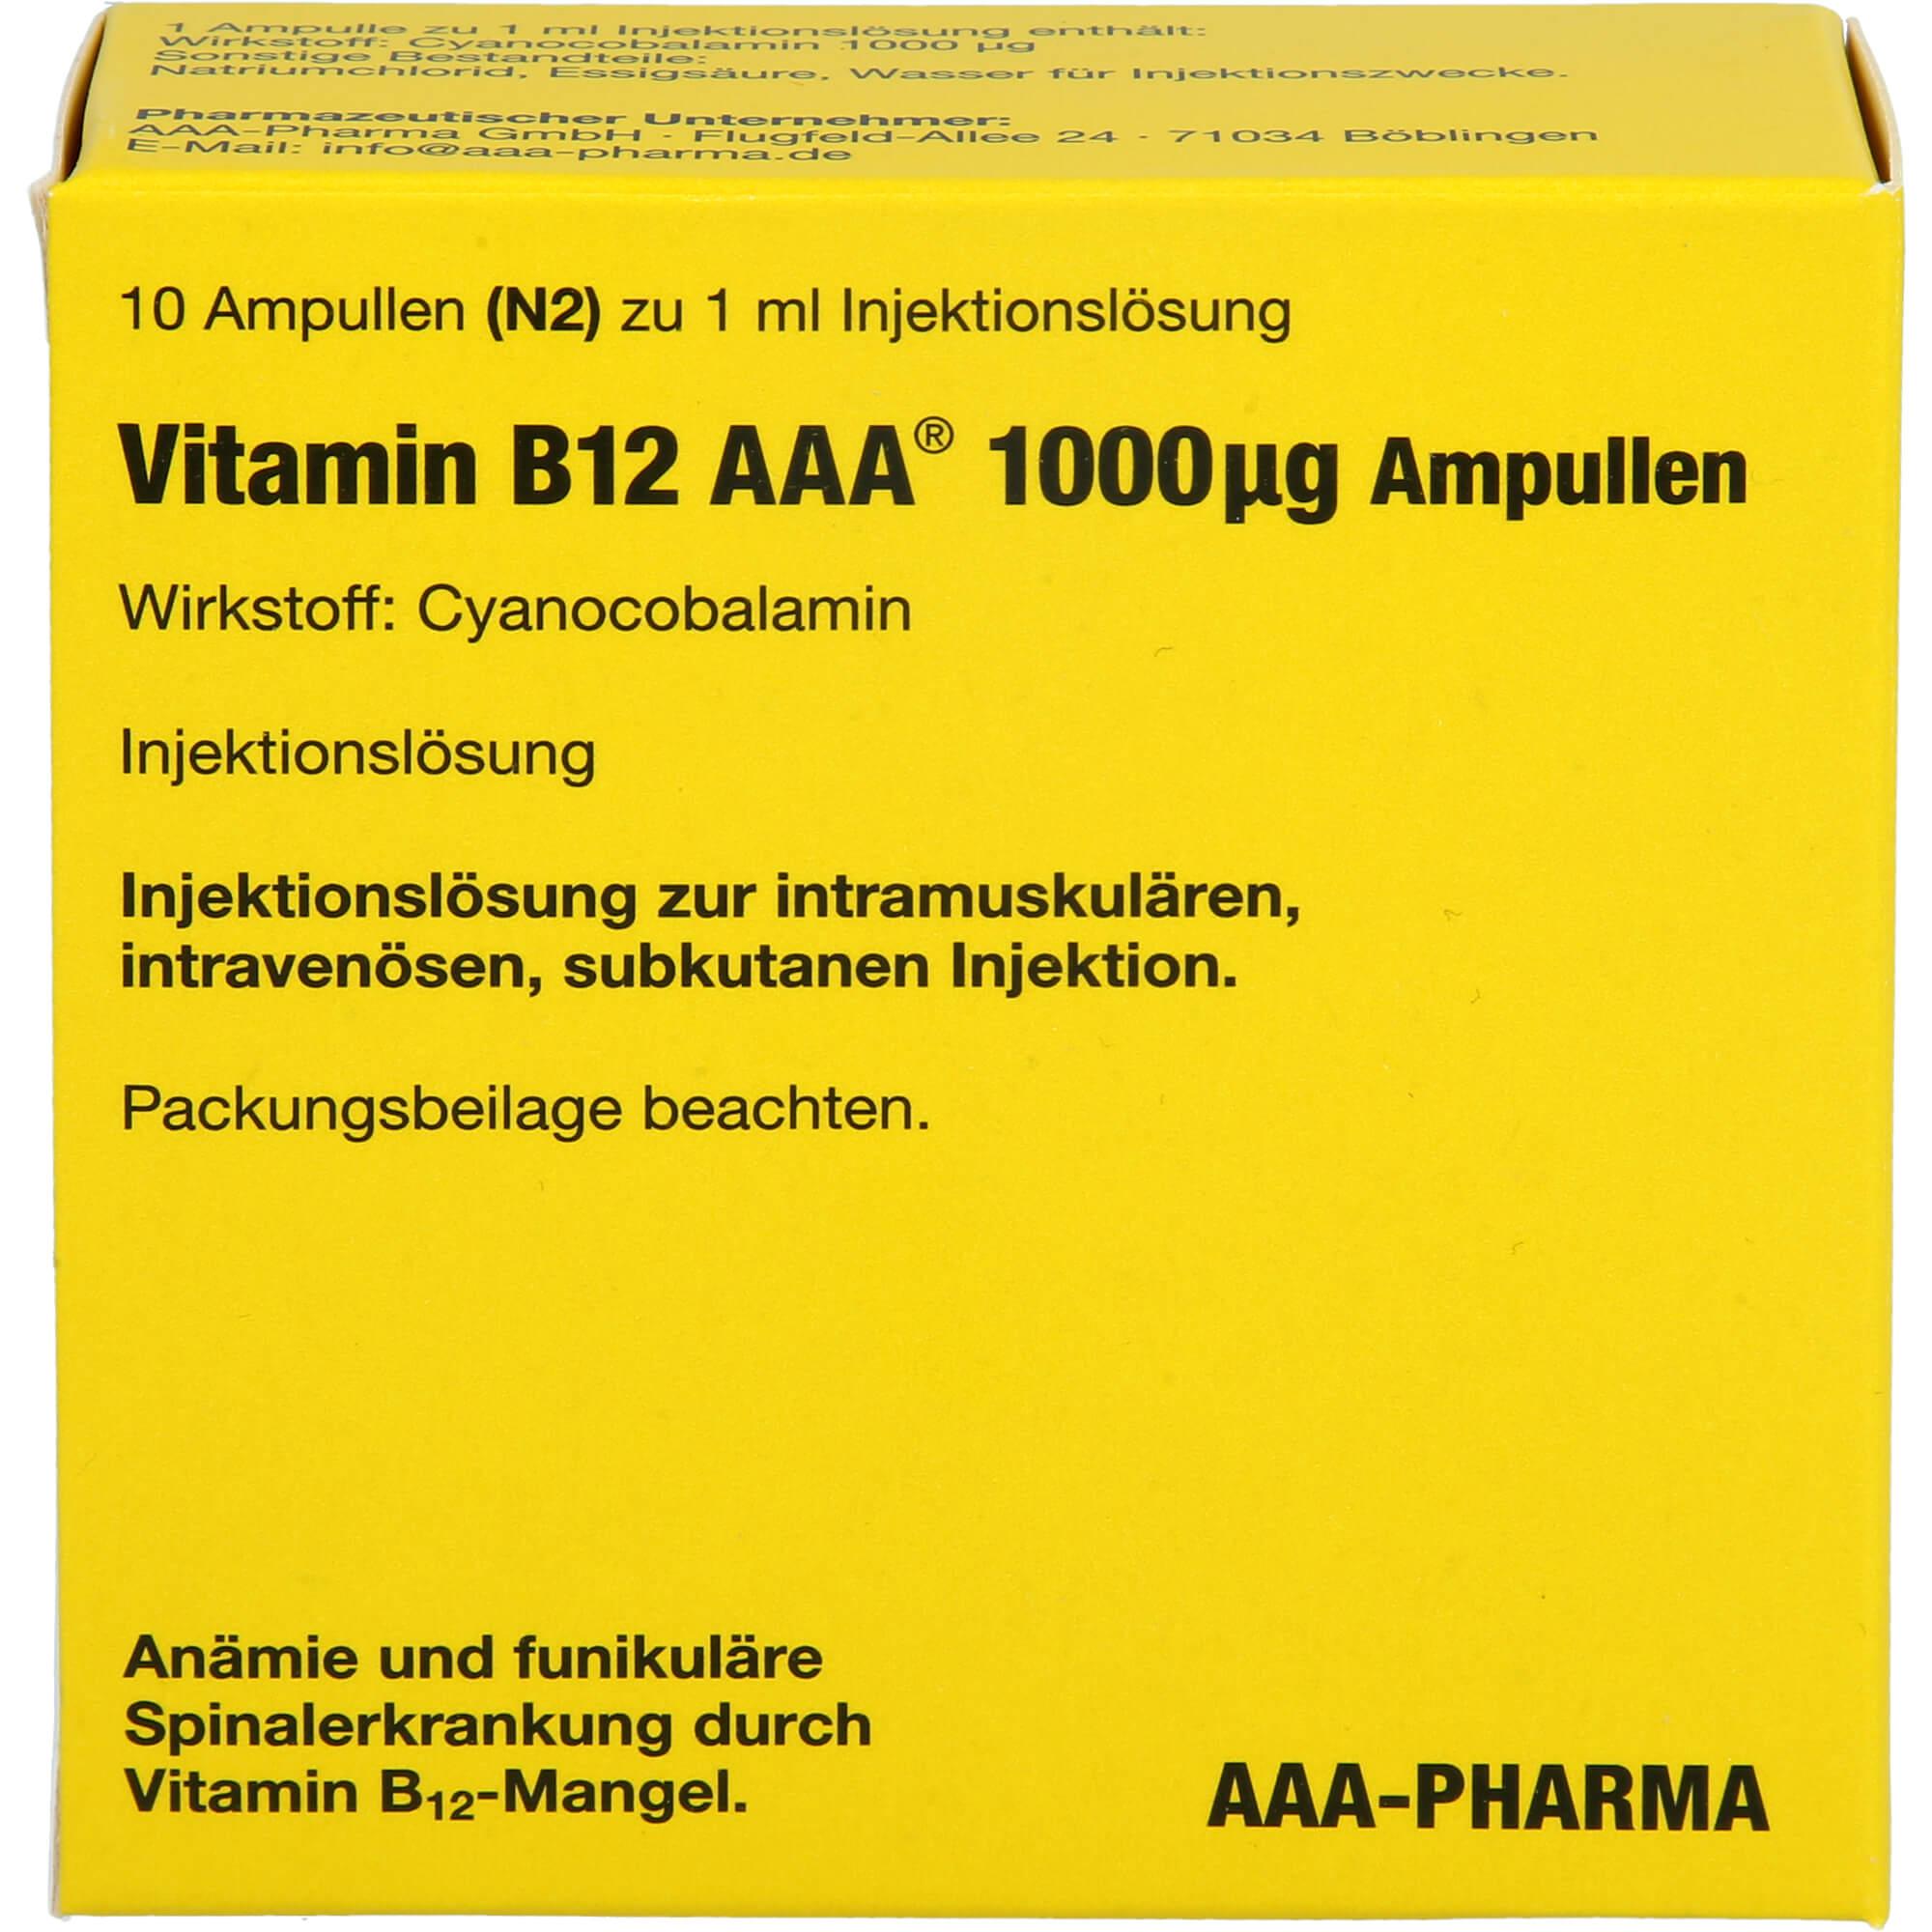 VITAMIN B12 AAA 1000 µg Ampullen